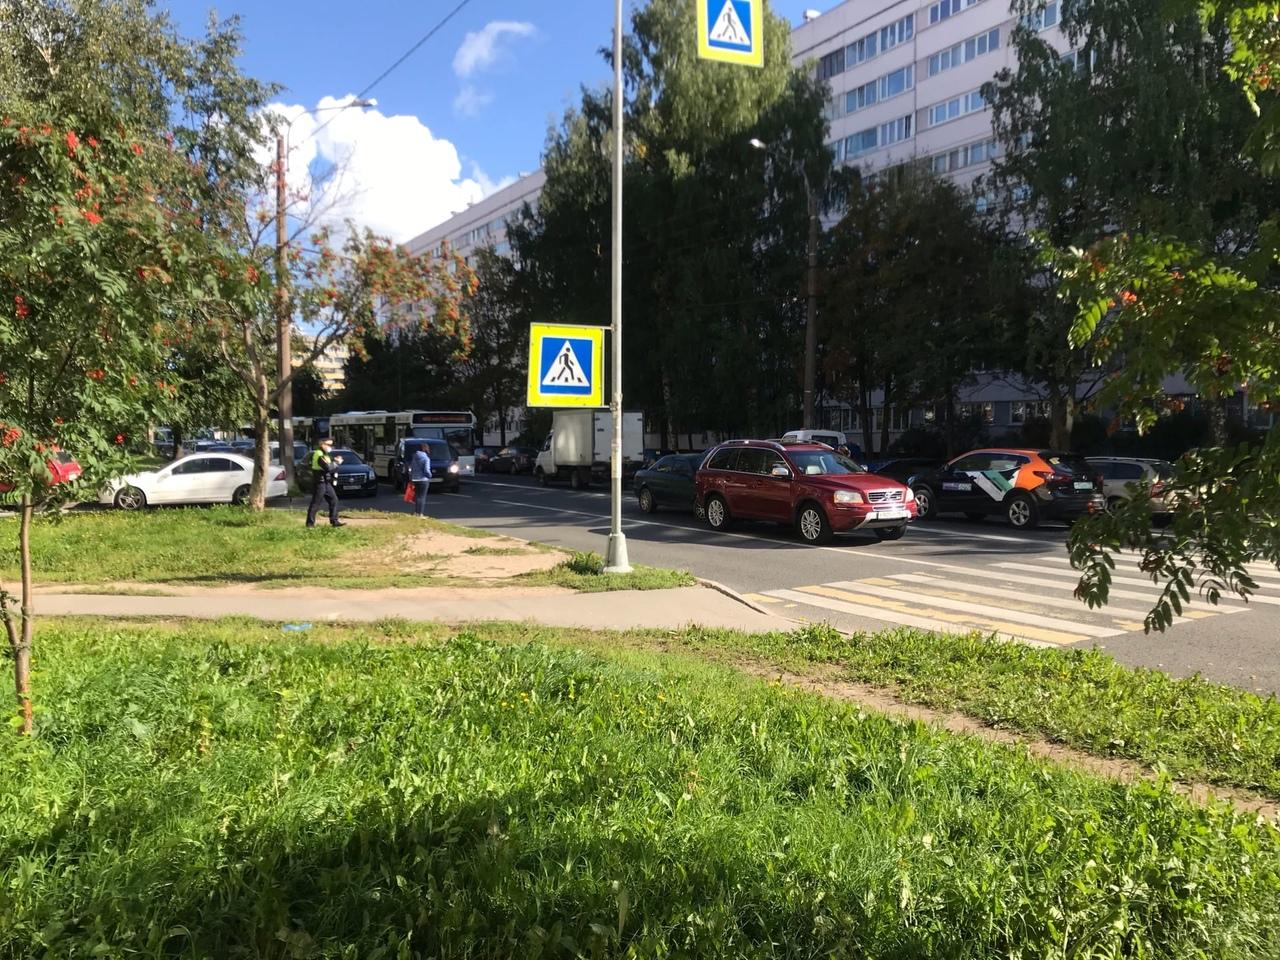 На Композиторов д20 Volvo пропускал пешеходов, водитель Audi ворон считал и влетел в зад Volvo. Со...